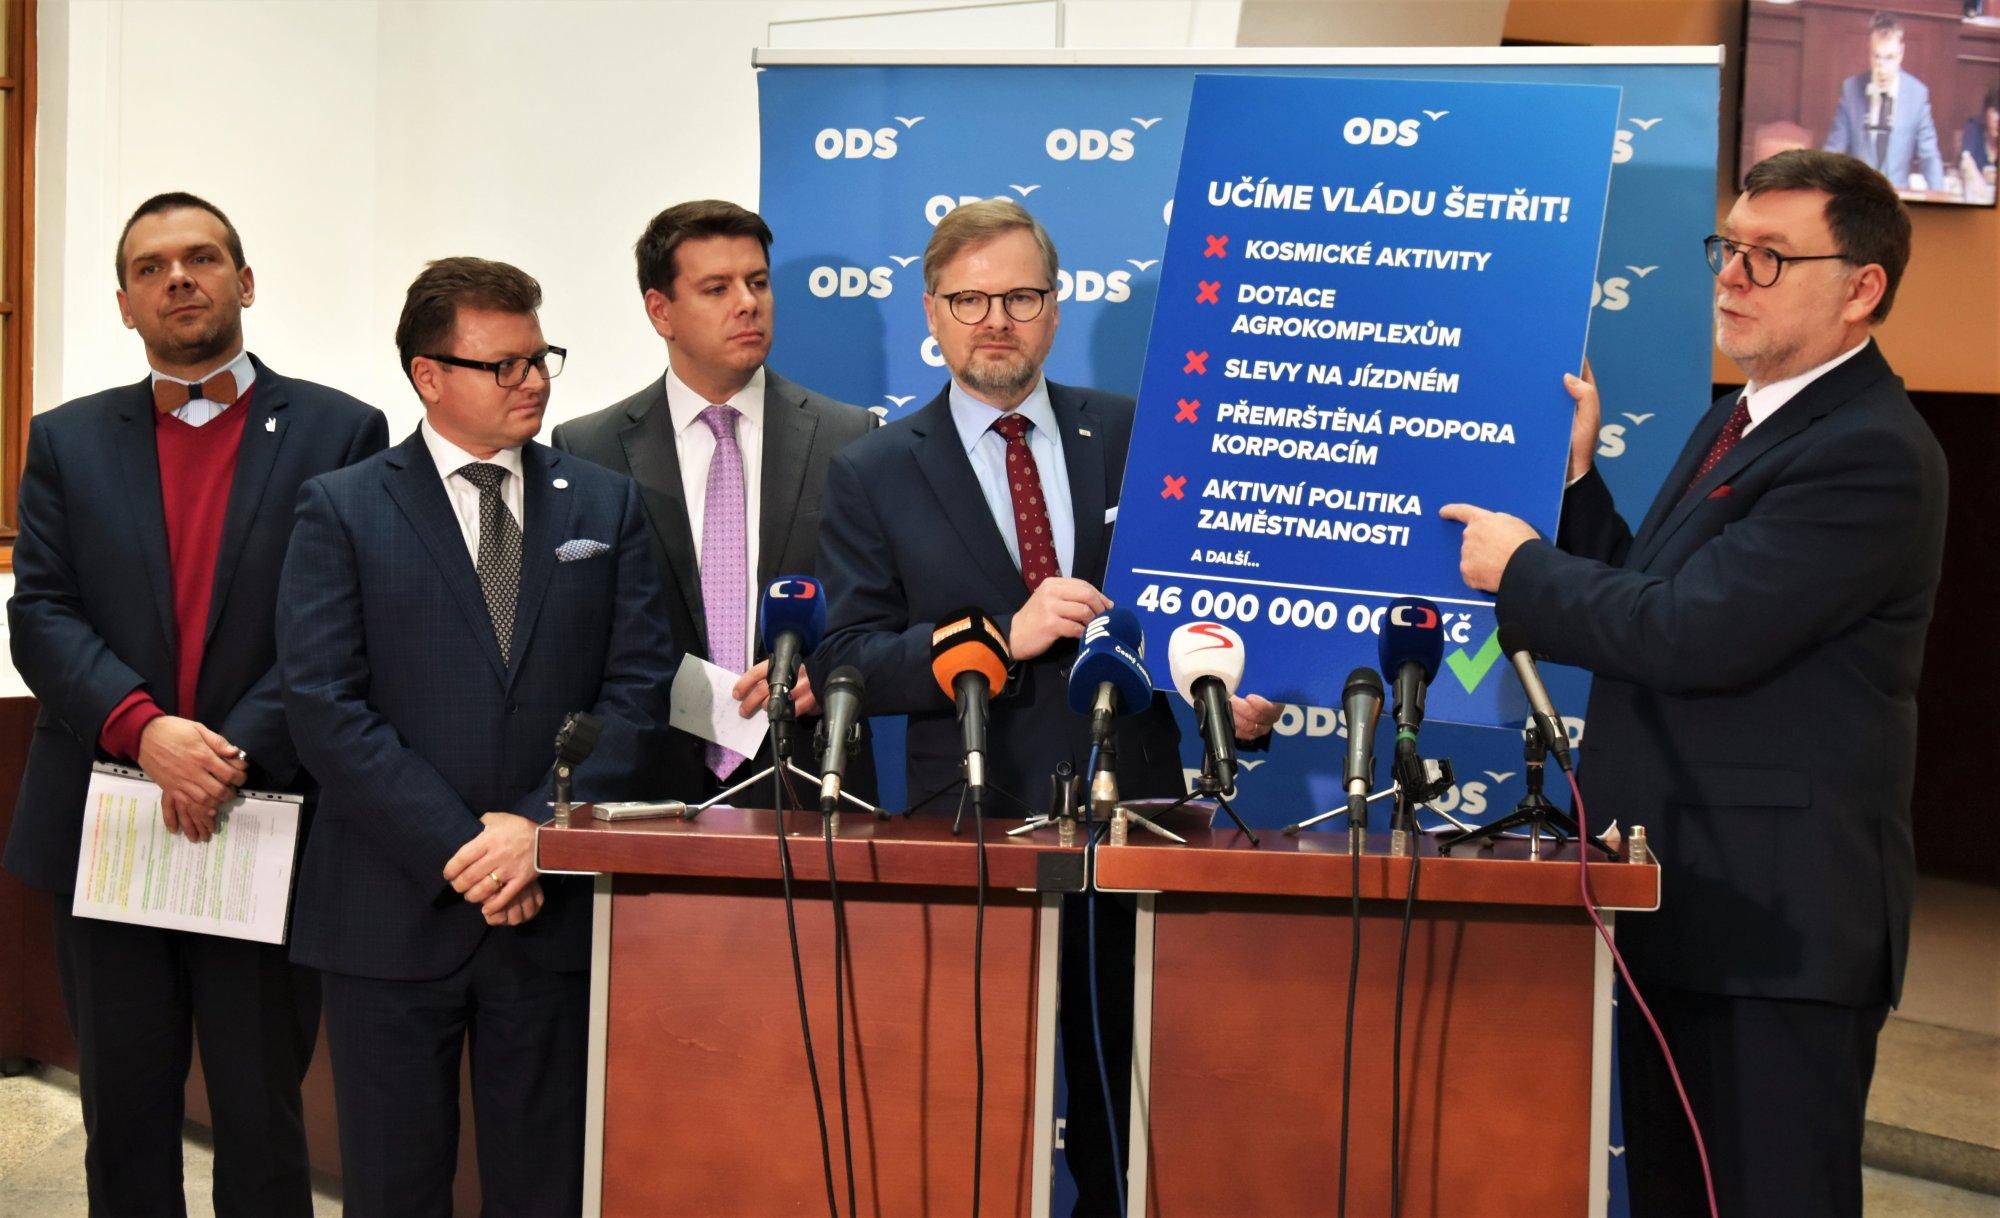 ODS: Ukážeme vládě, jak vyrovnaně hospodařit. V rozpočtu chceme škrtnout zbytečné dotace pro obří holdingy